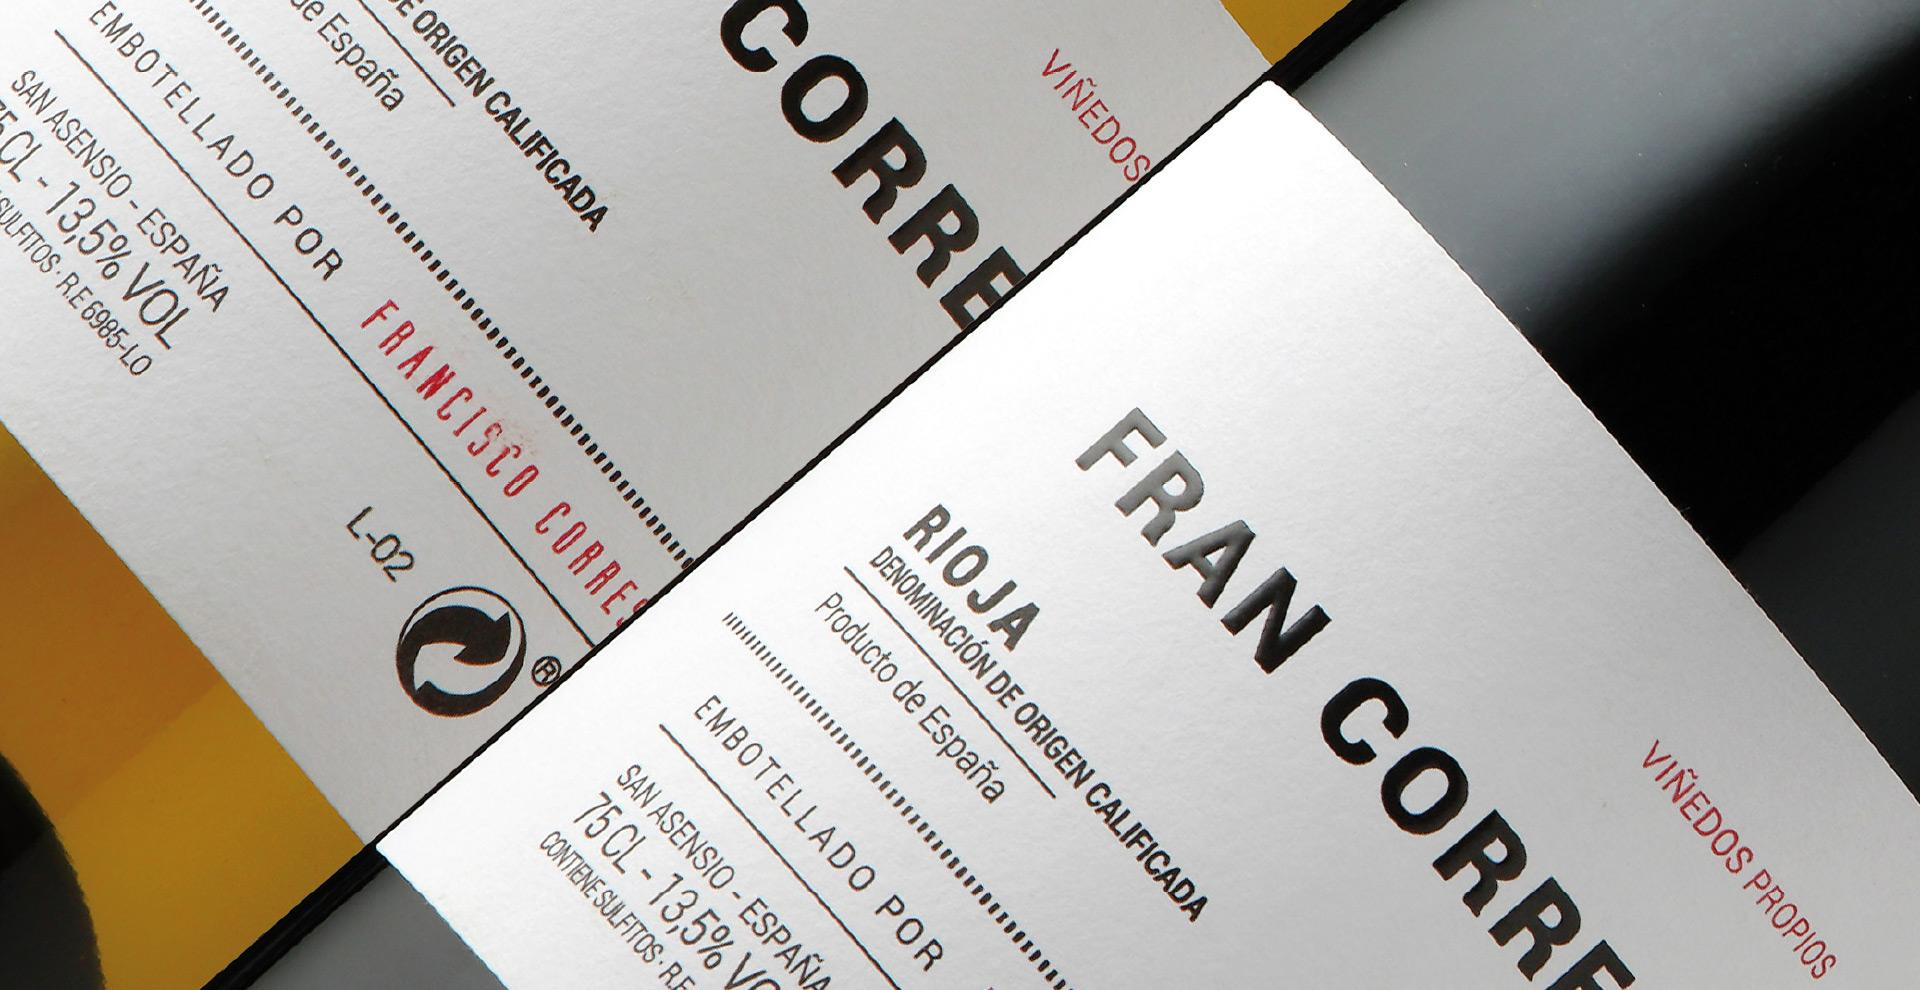 francisco_corres_orive_fran_corres-cabecera